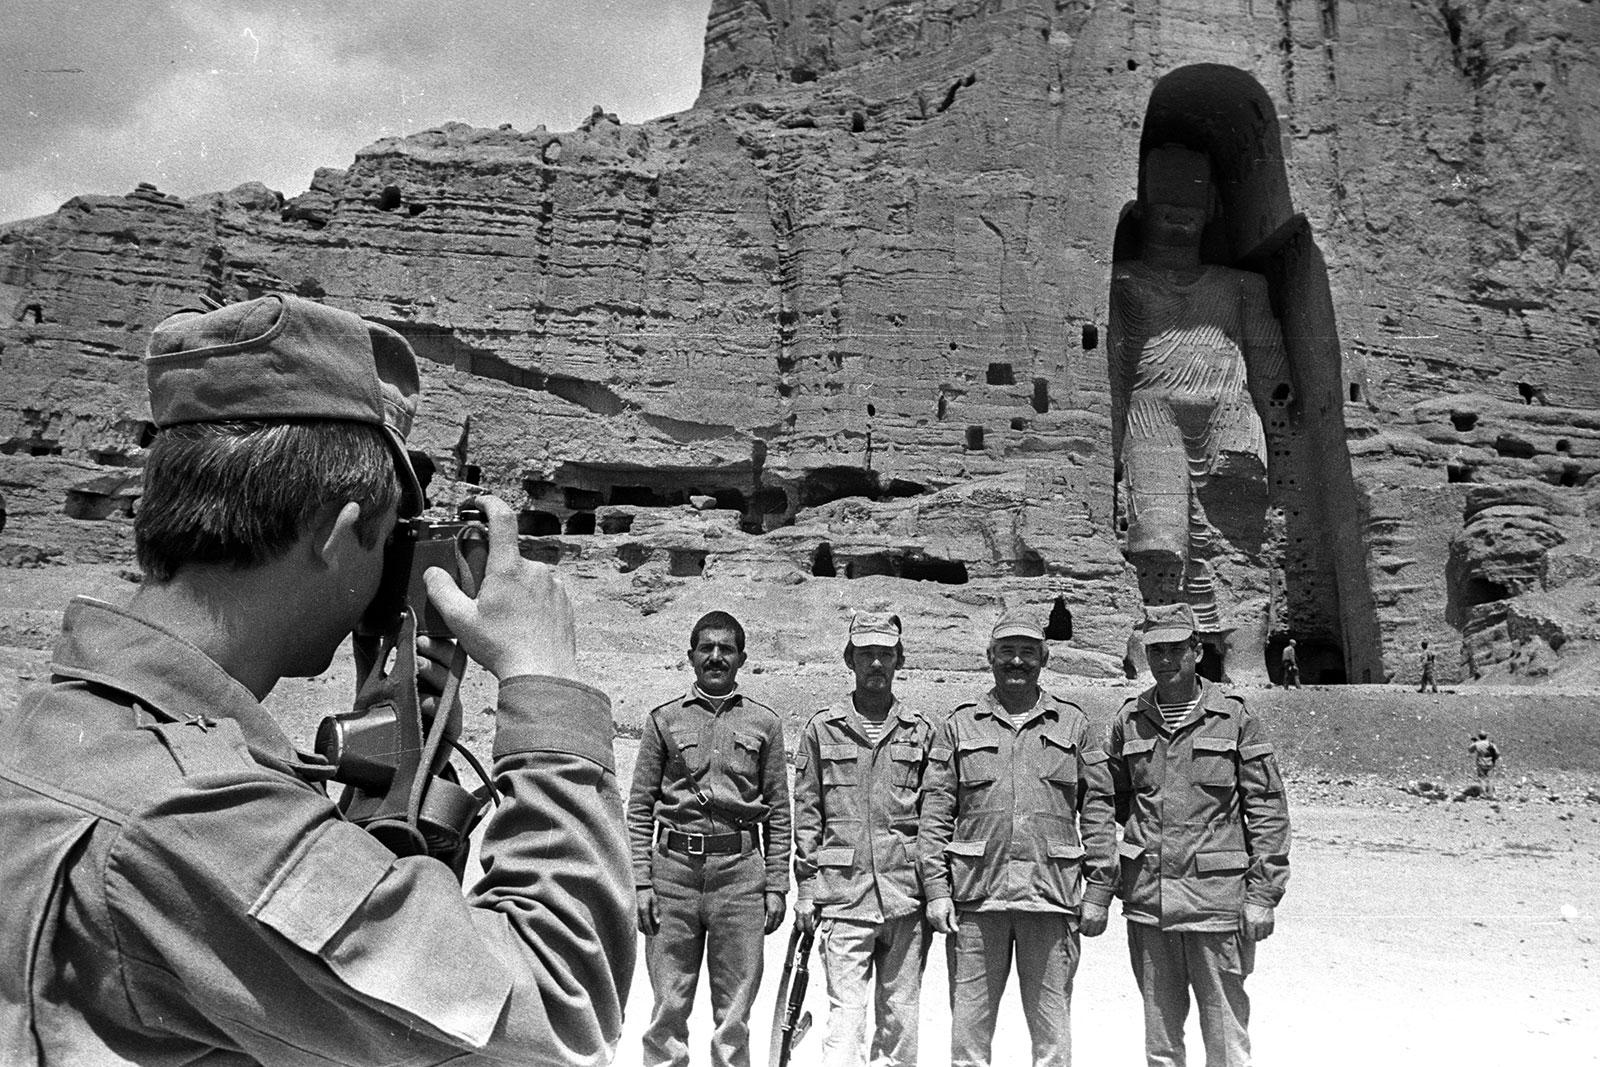 картинки русские в афгане картинки исключением первой